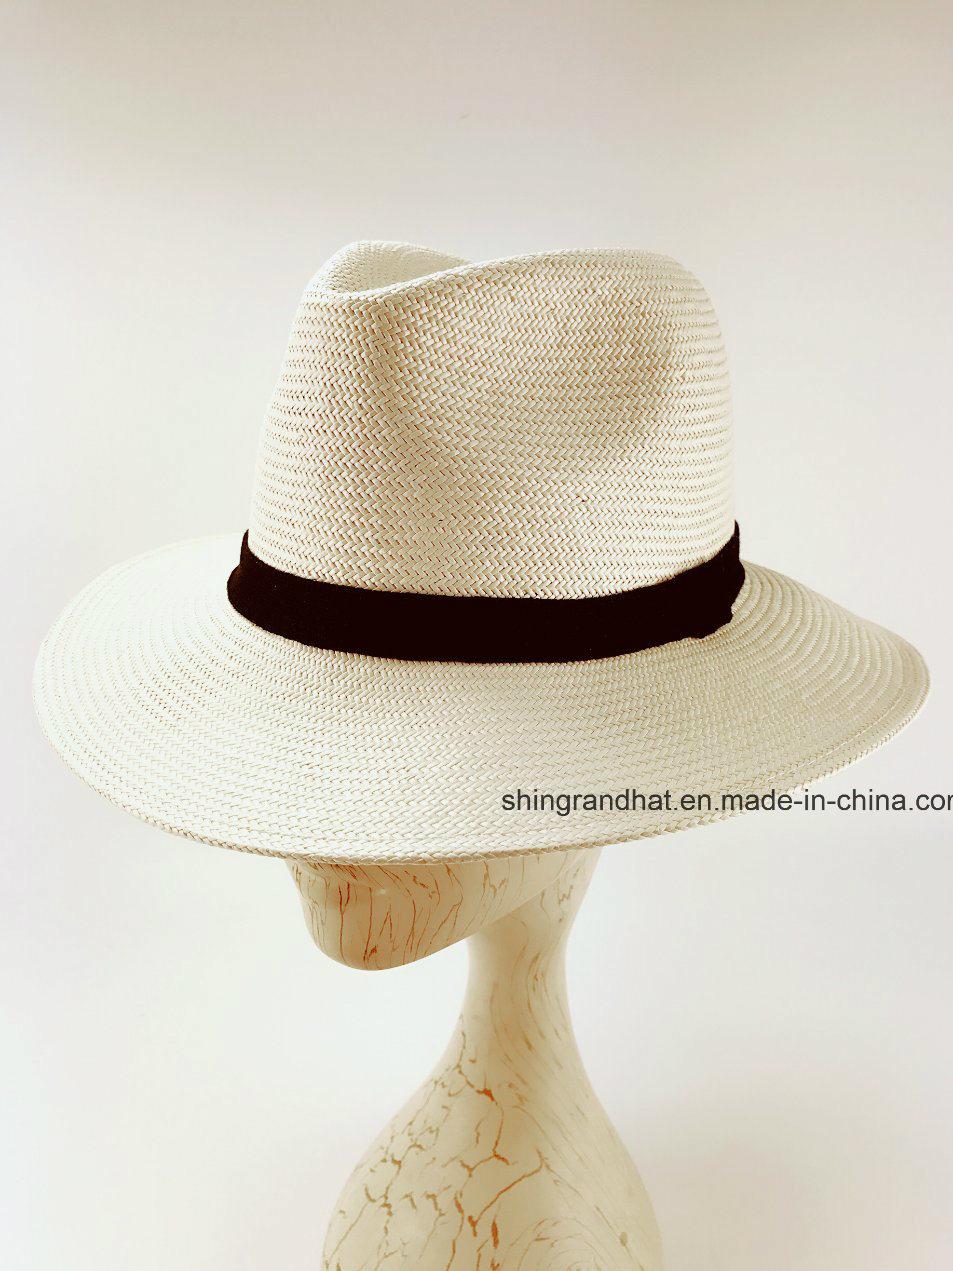 China Straw Hats 75d4288155f7